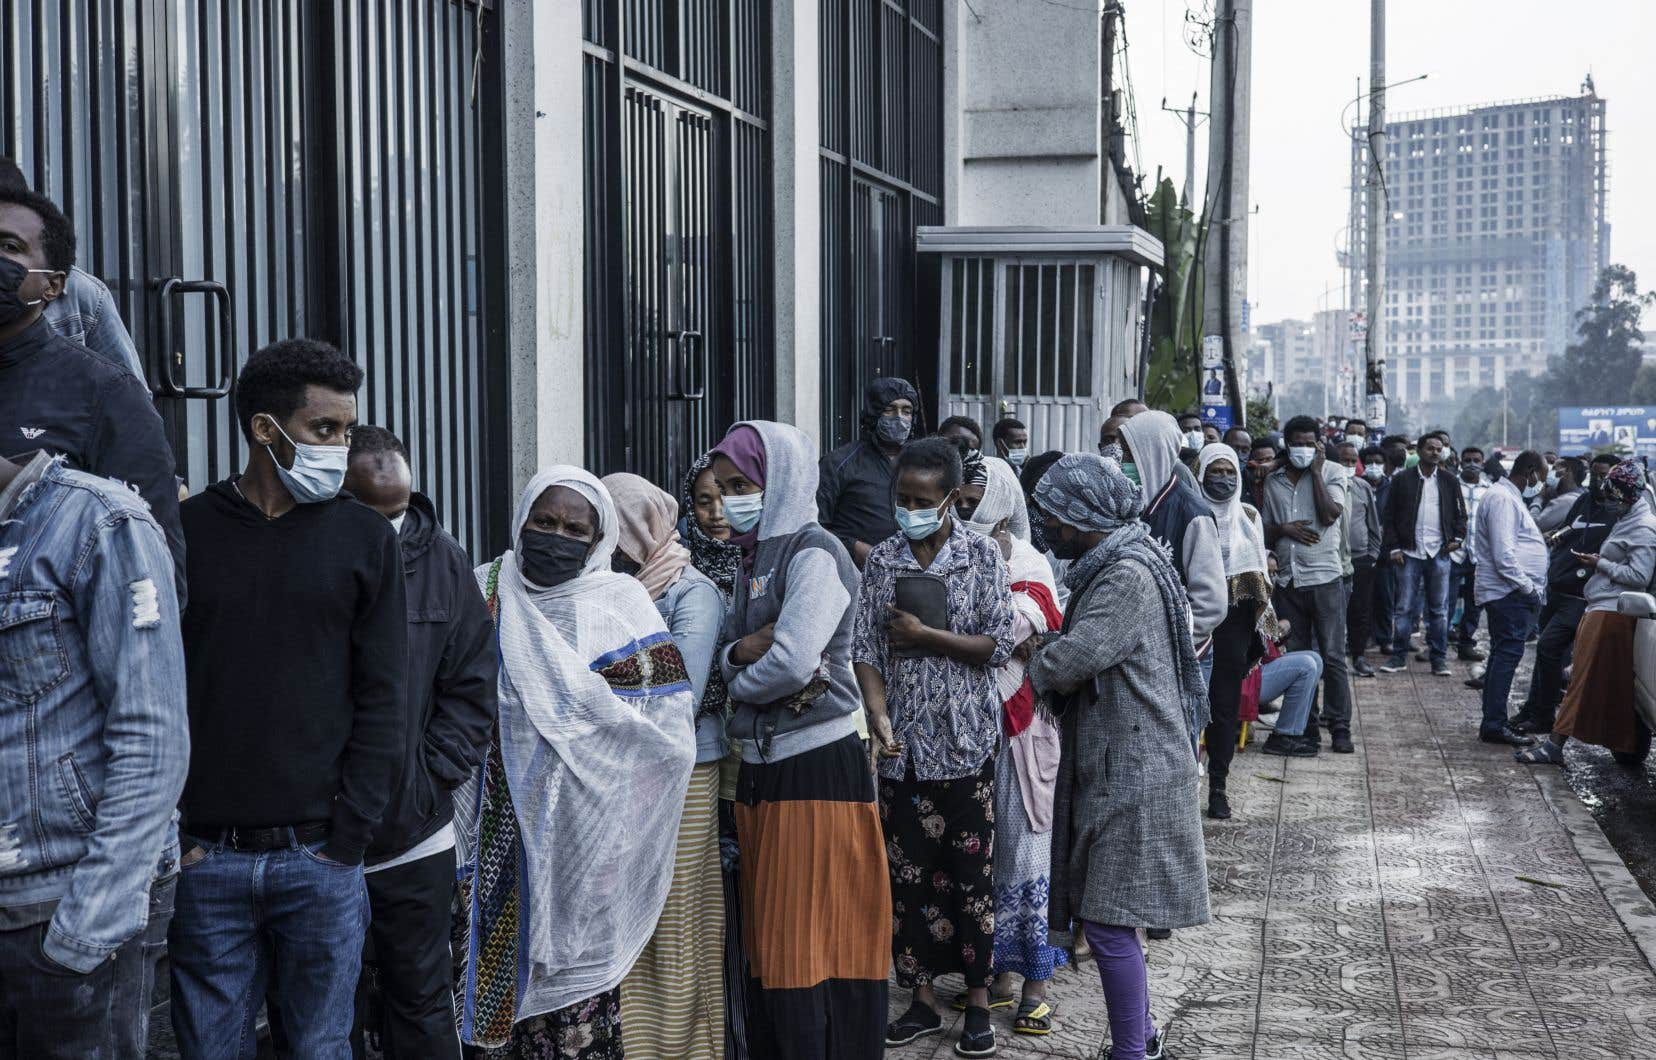 Dès le petit matin, les files d'attente devant les bureaux de vote étaient fournies dans la capitale Addis Abeba.